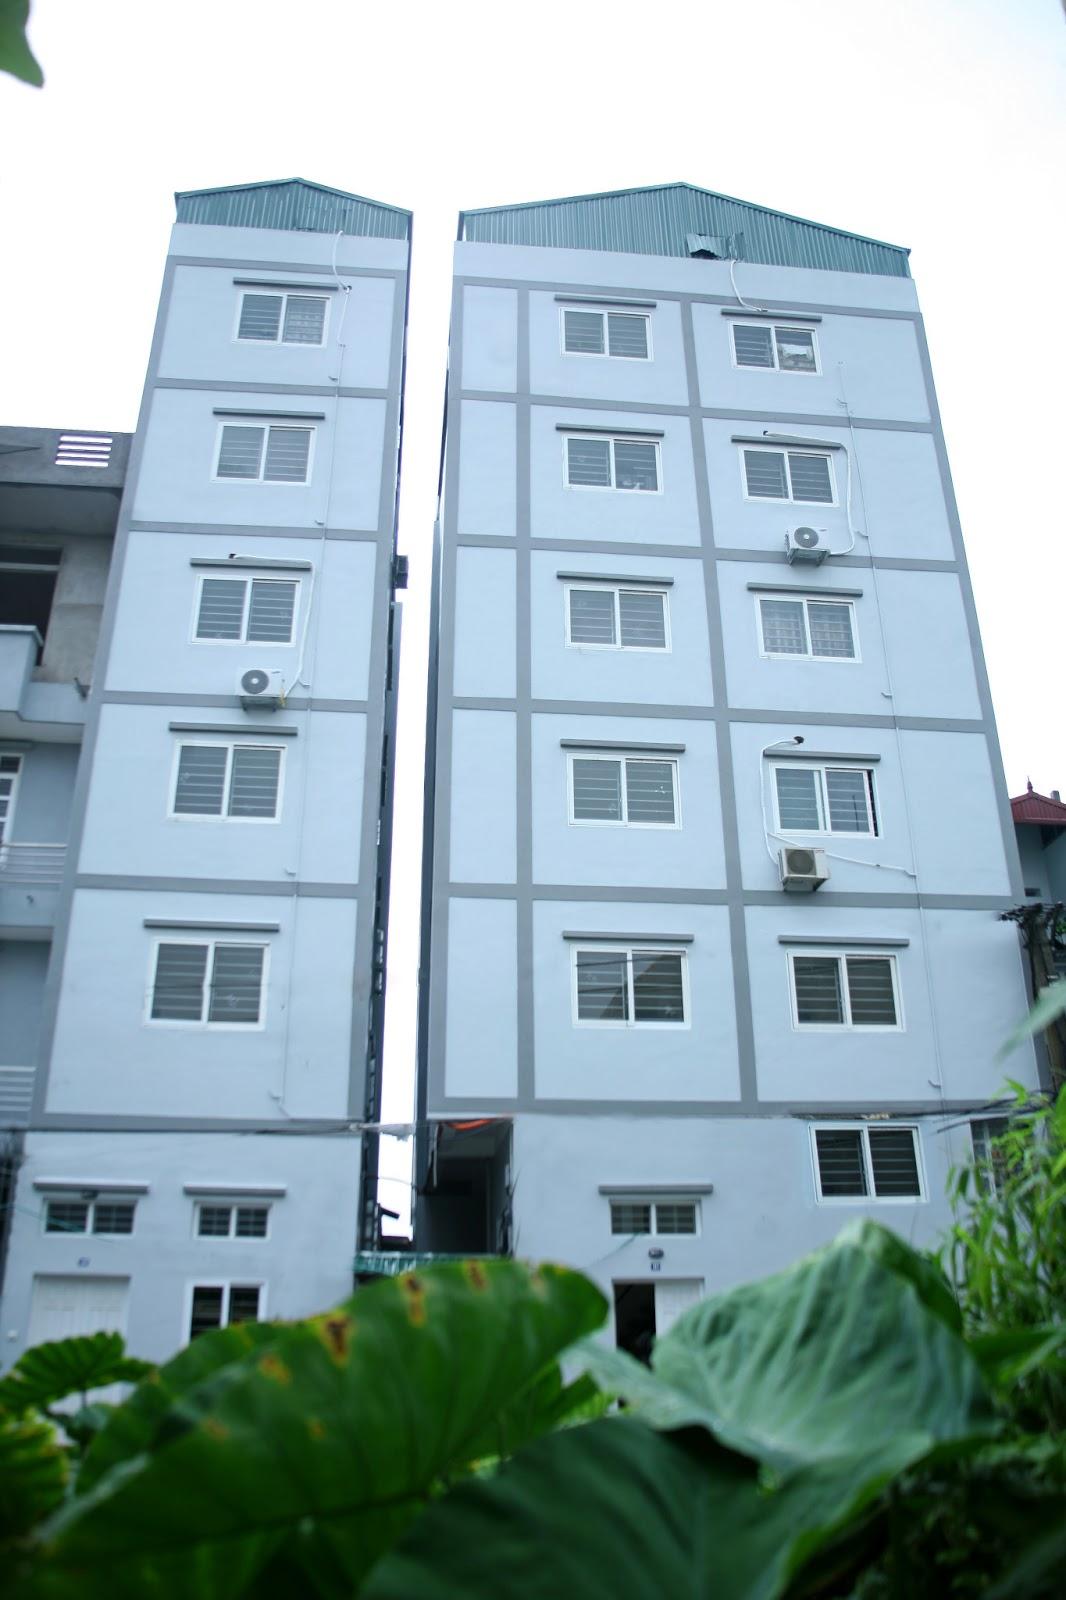 chung cư mini 1b | chung cư mini 1b